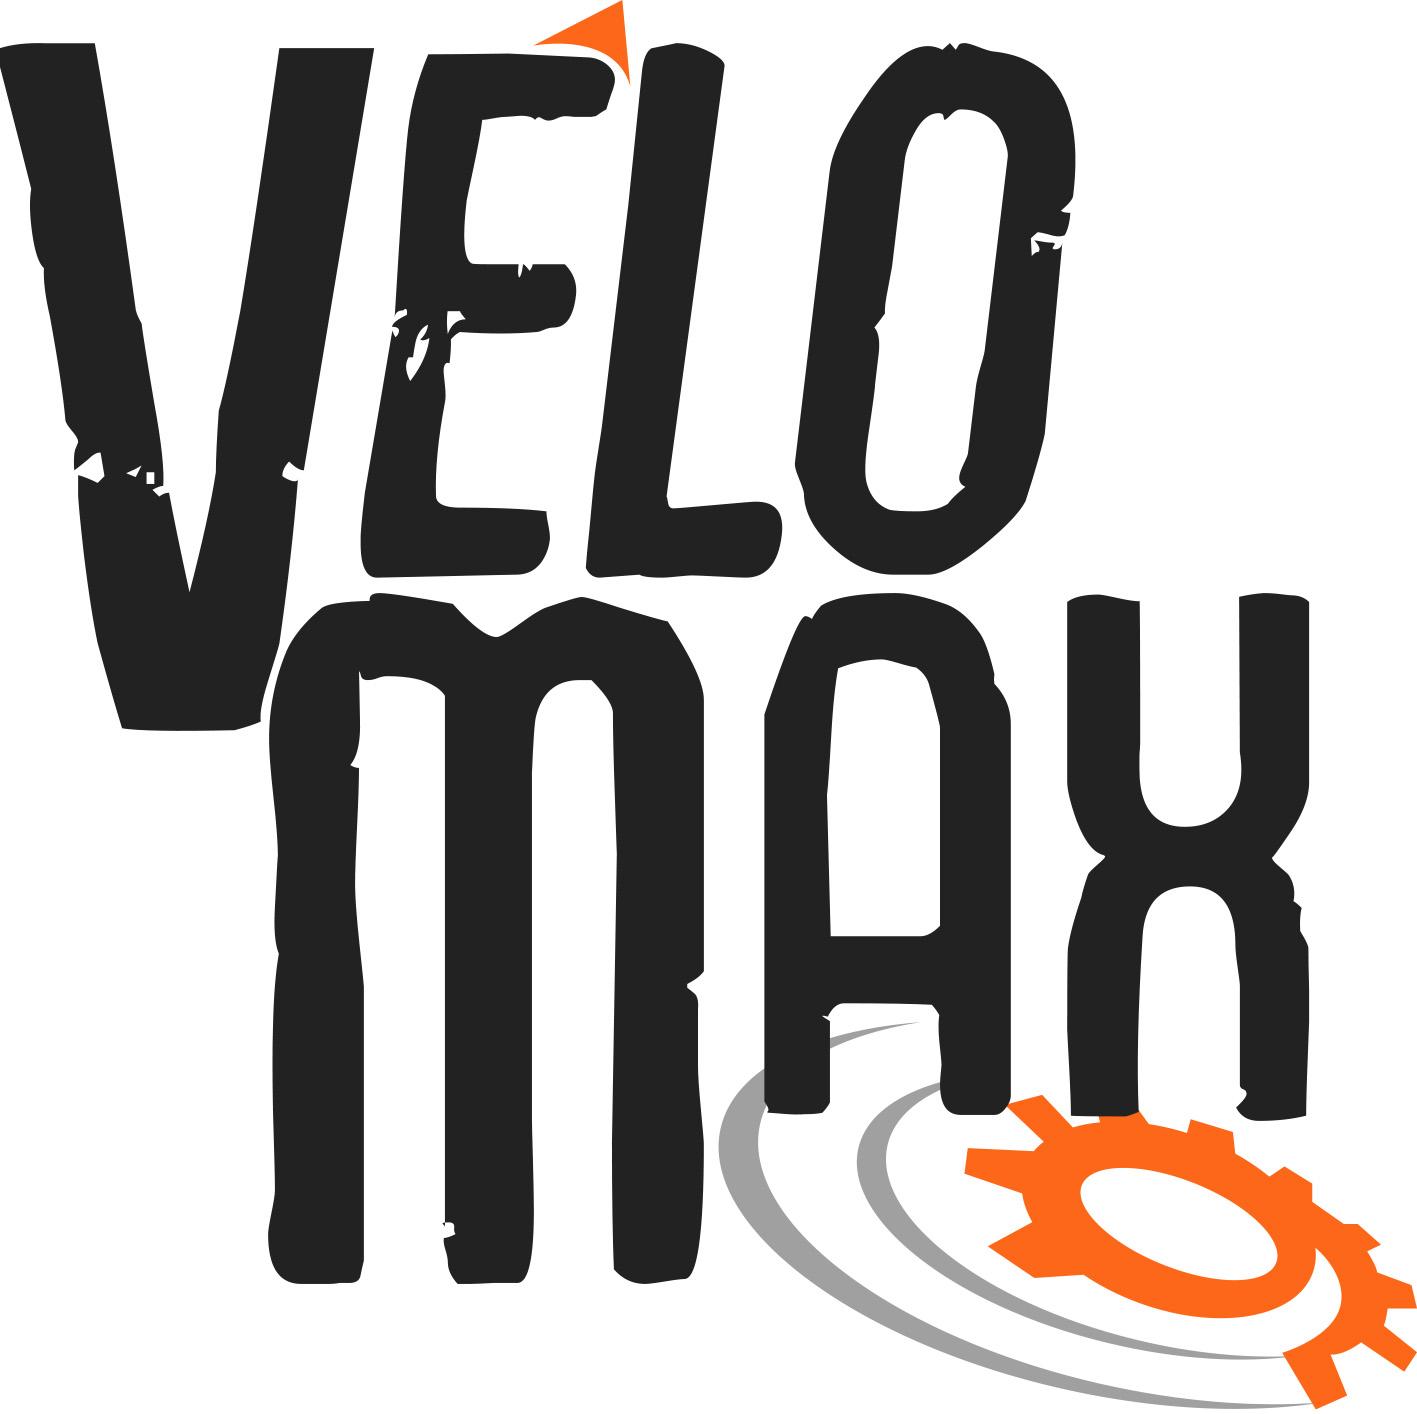 VeloMax